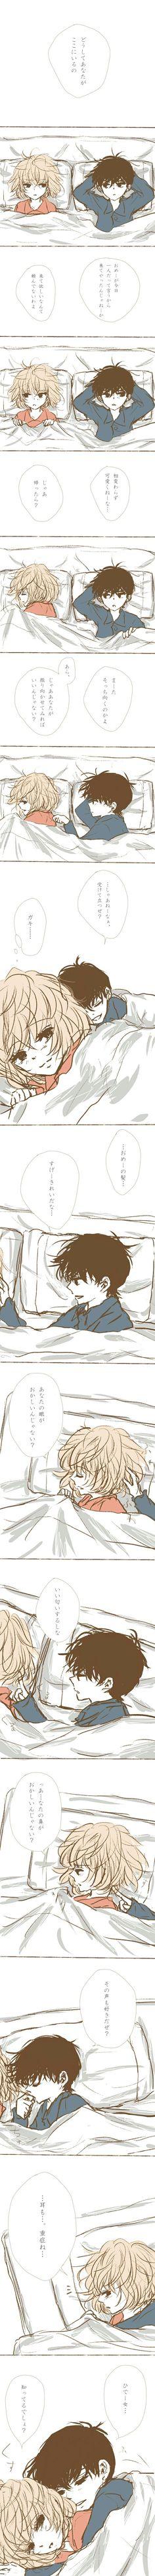 Haibara and Conan, not shipping, pinning for art